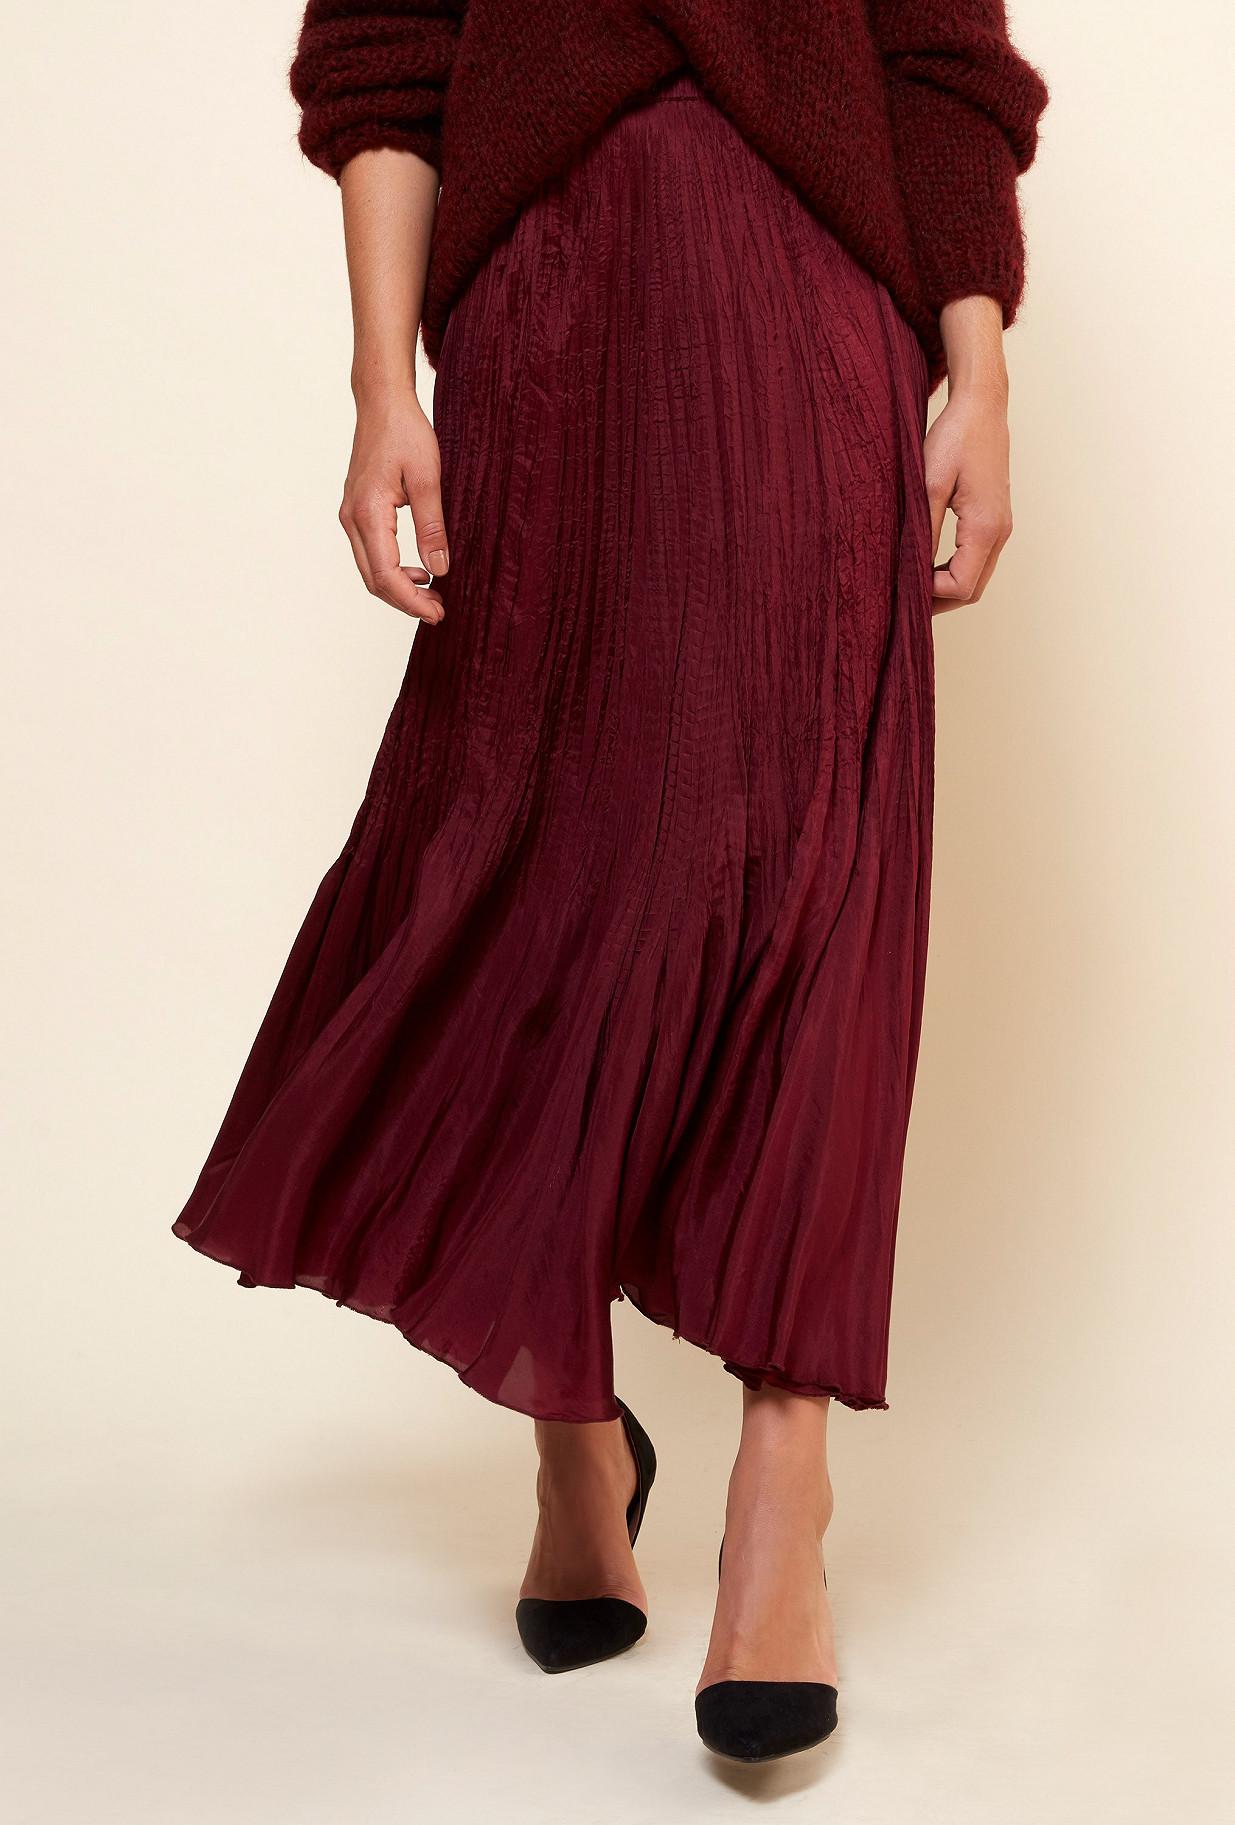 Berry  Skirt  Phedre Mes demoiselles fashion clothes designer Paris